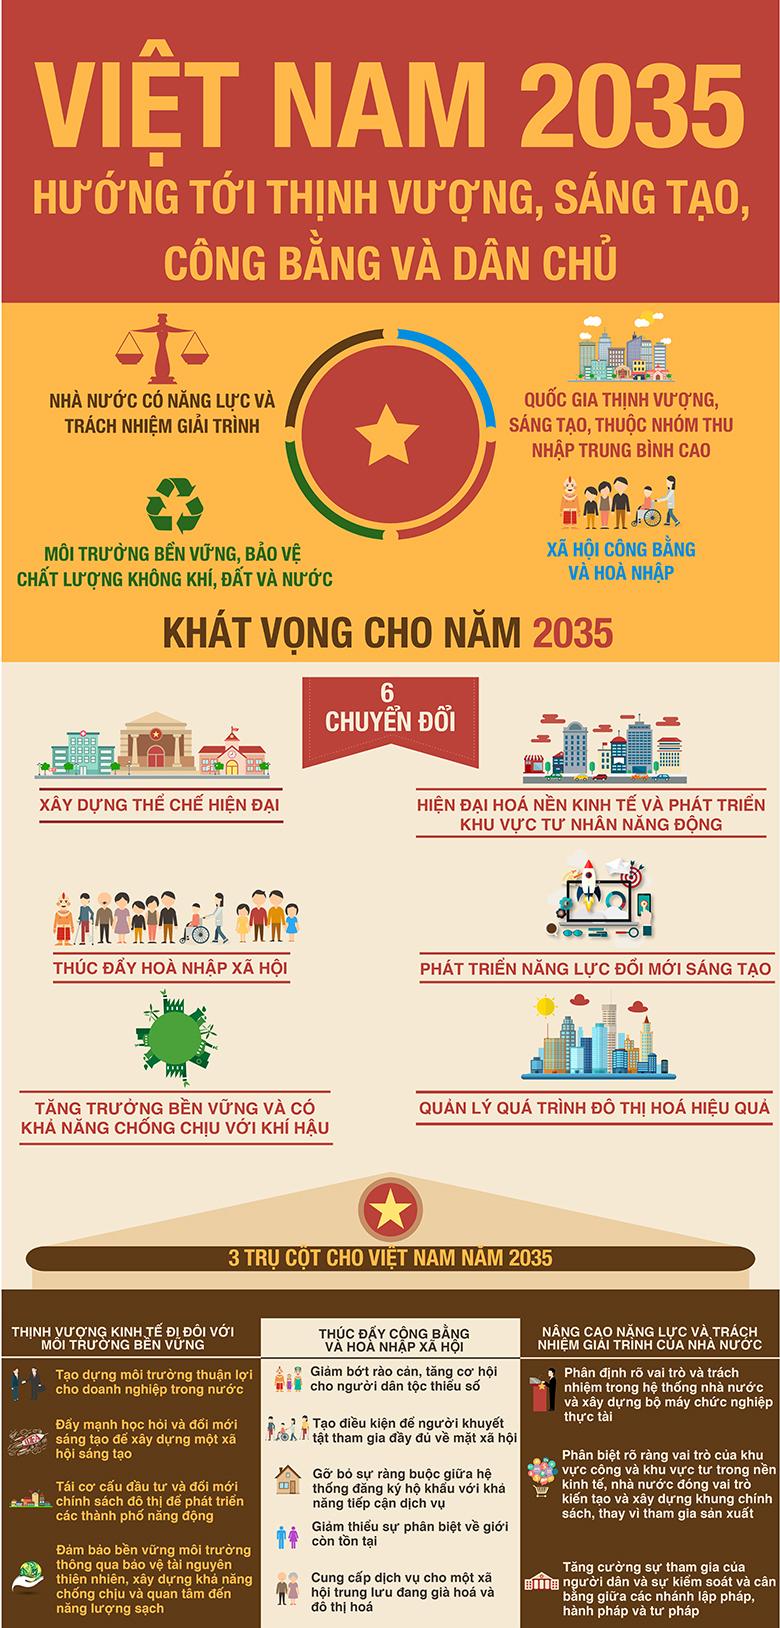 Những khuyến nghị cho Việt Nam năm 2035